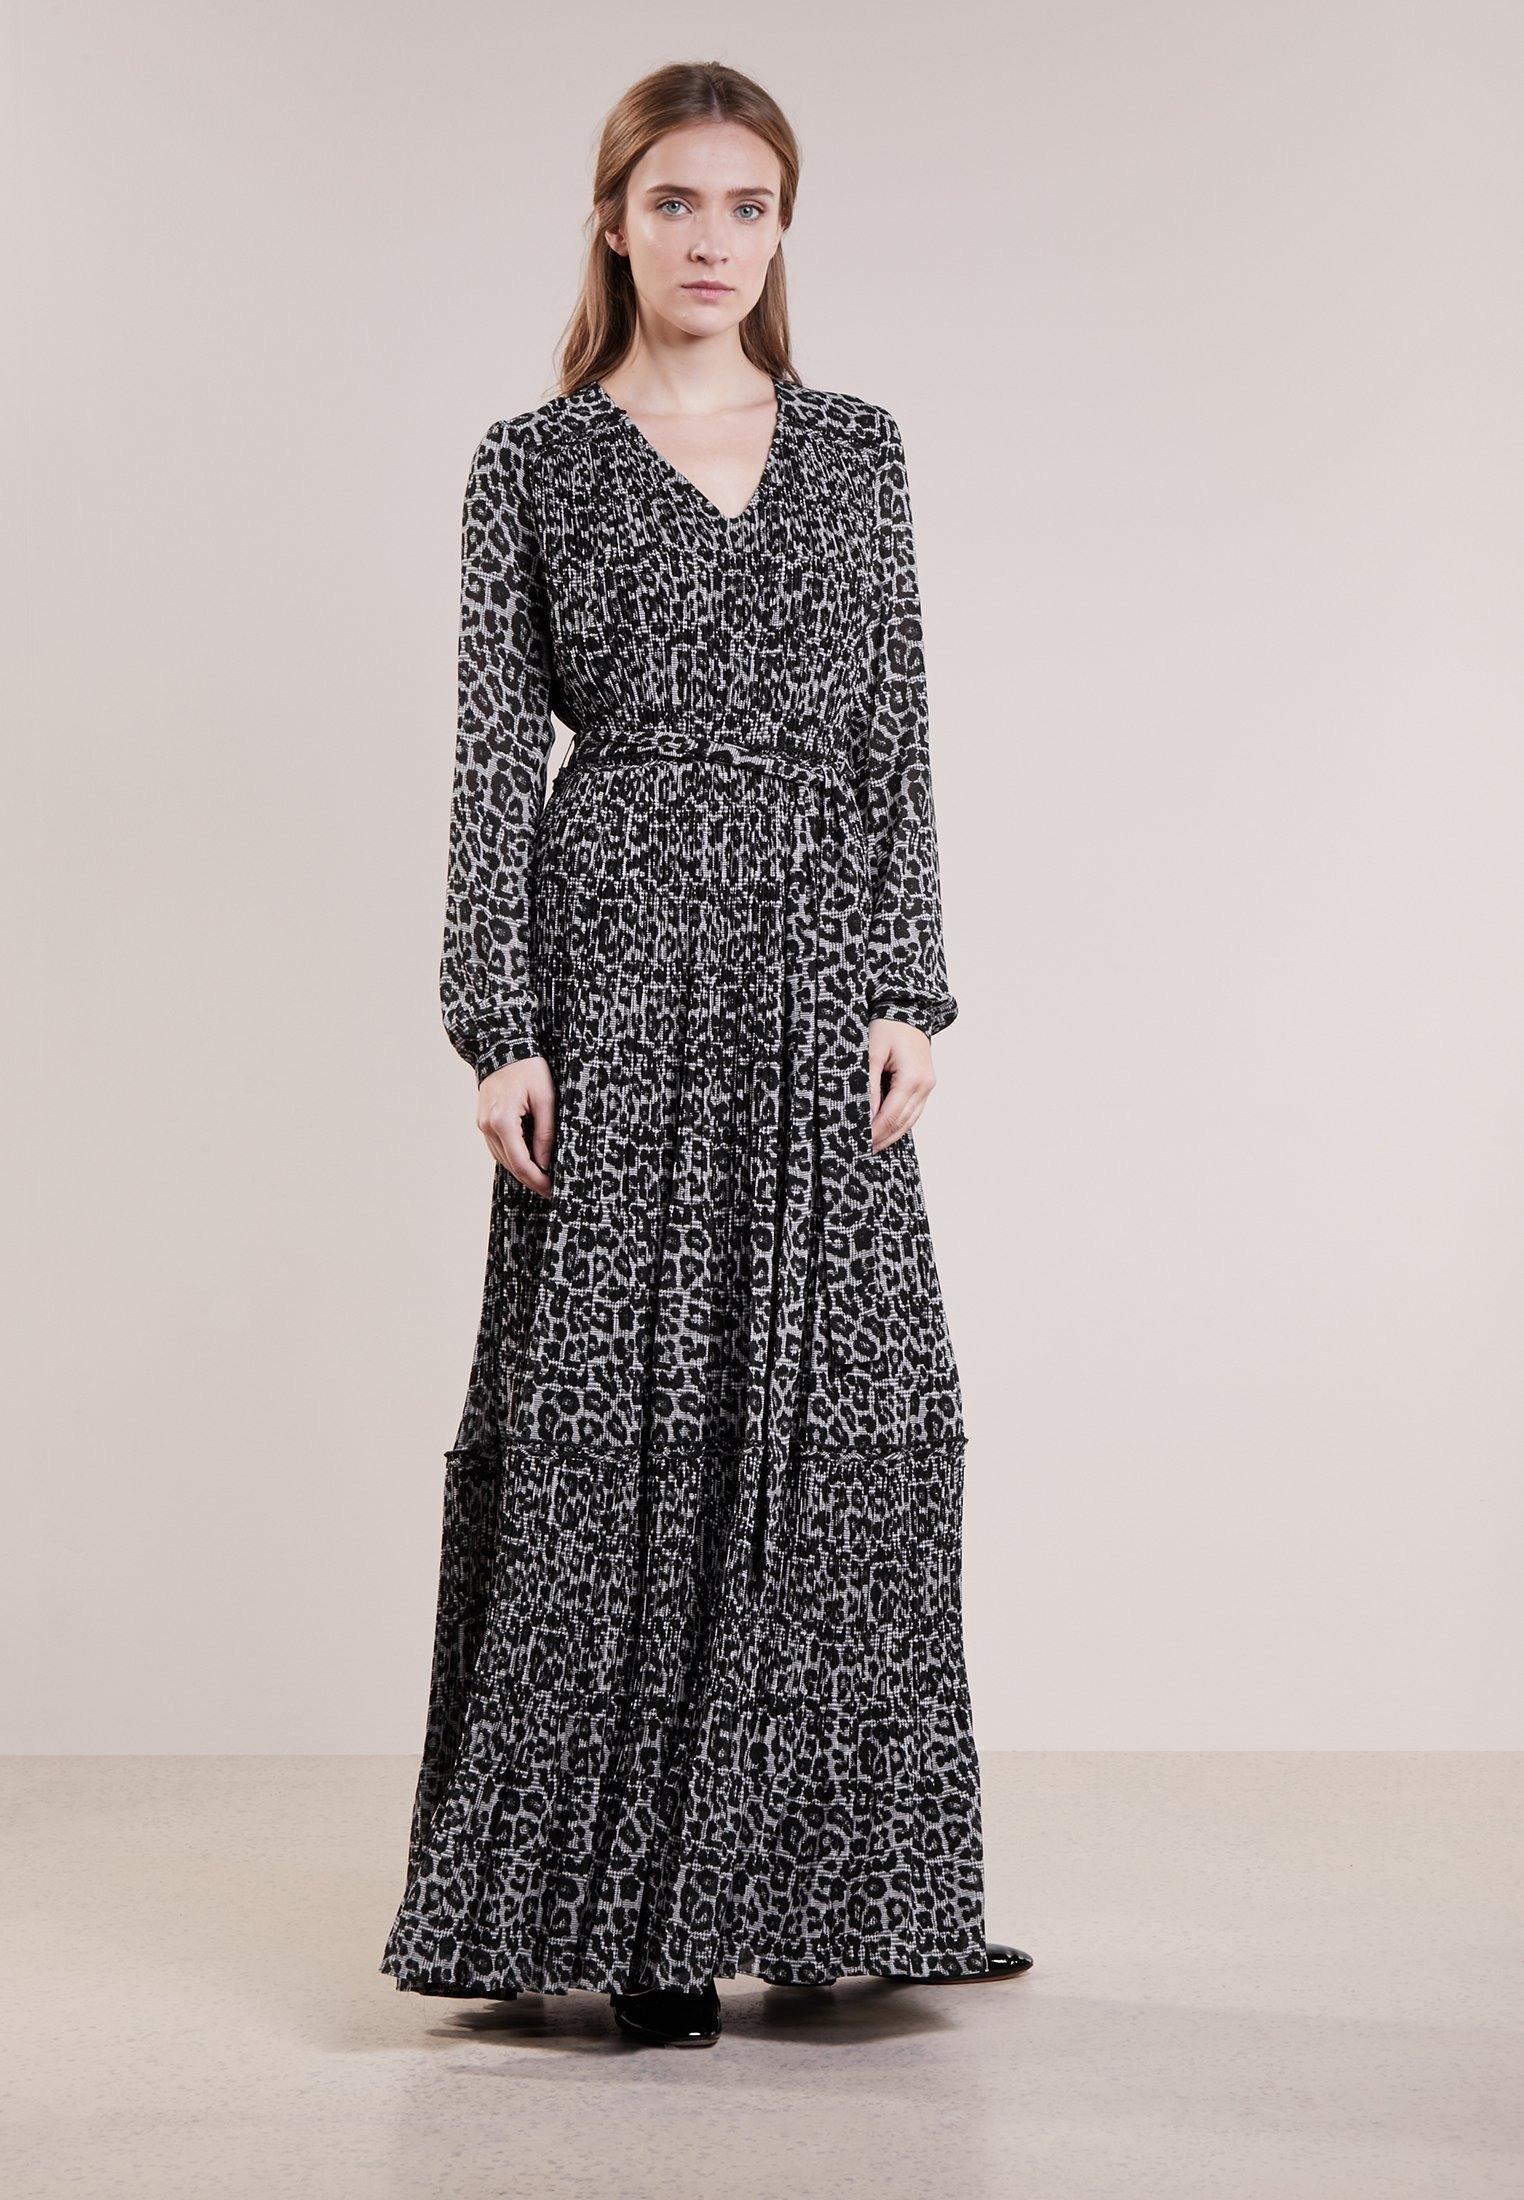 Designer Perfekt Kleid Kaufen ÄrmelAbend Erstaunlich Kleid Kaufen Design